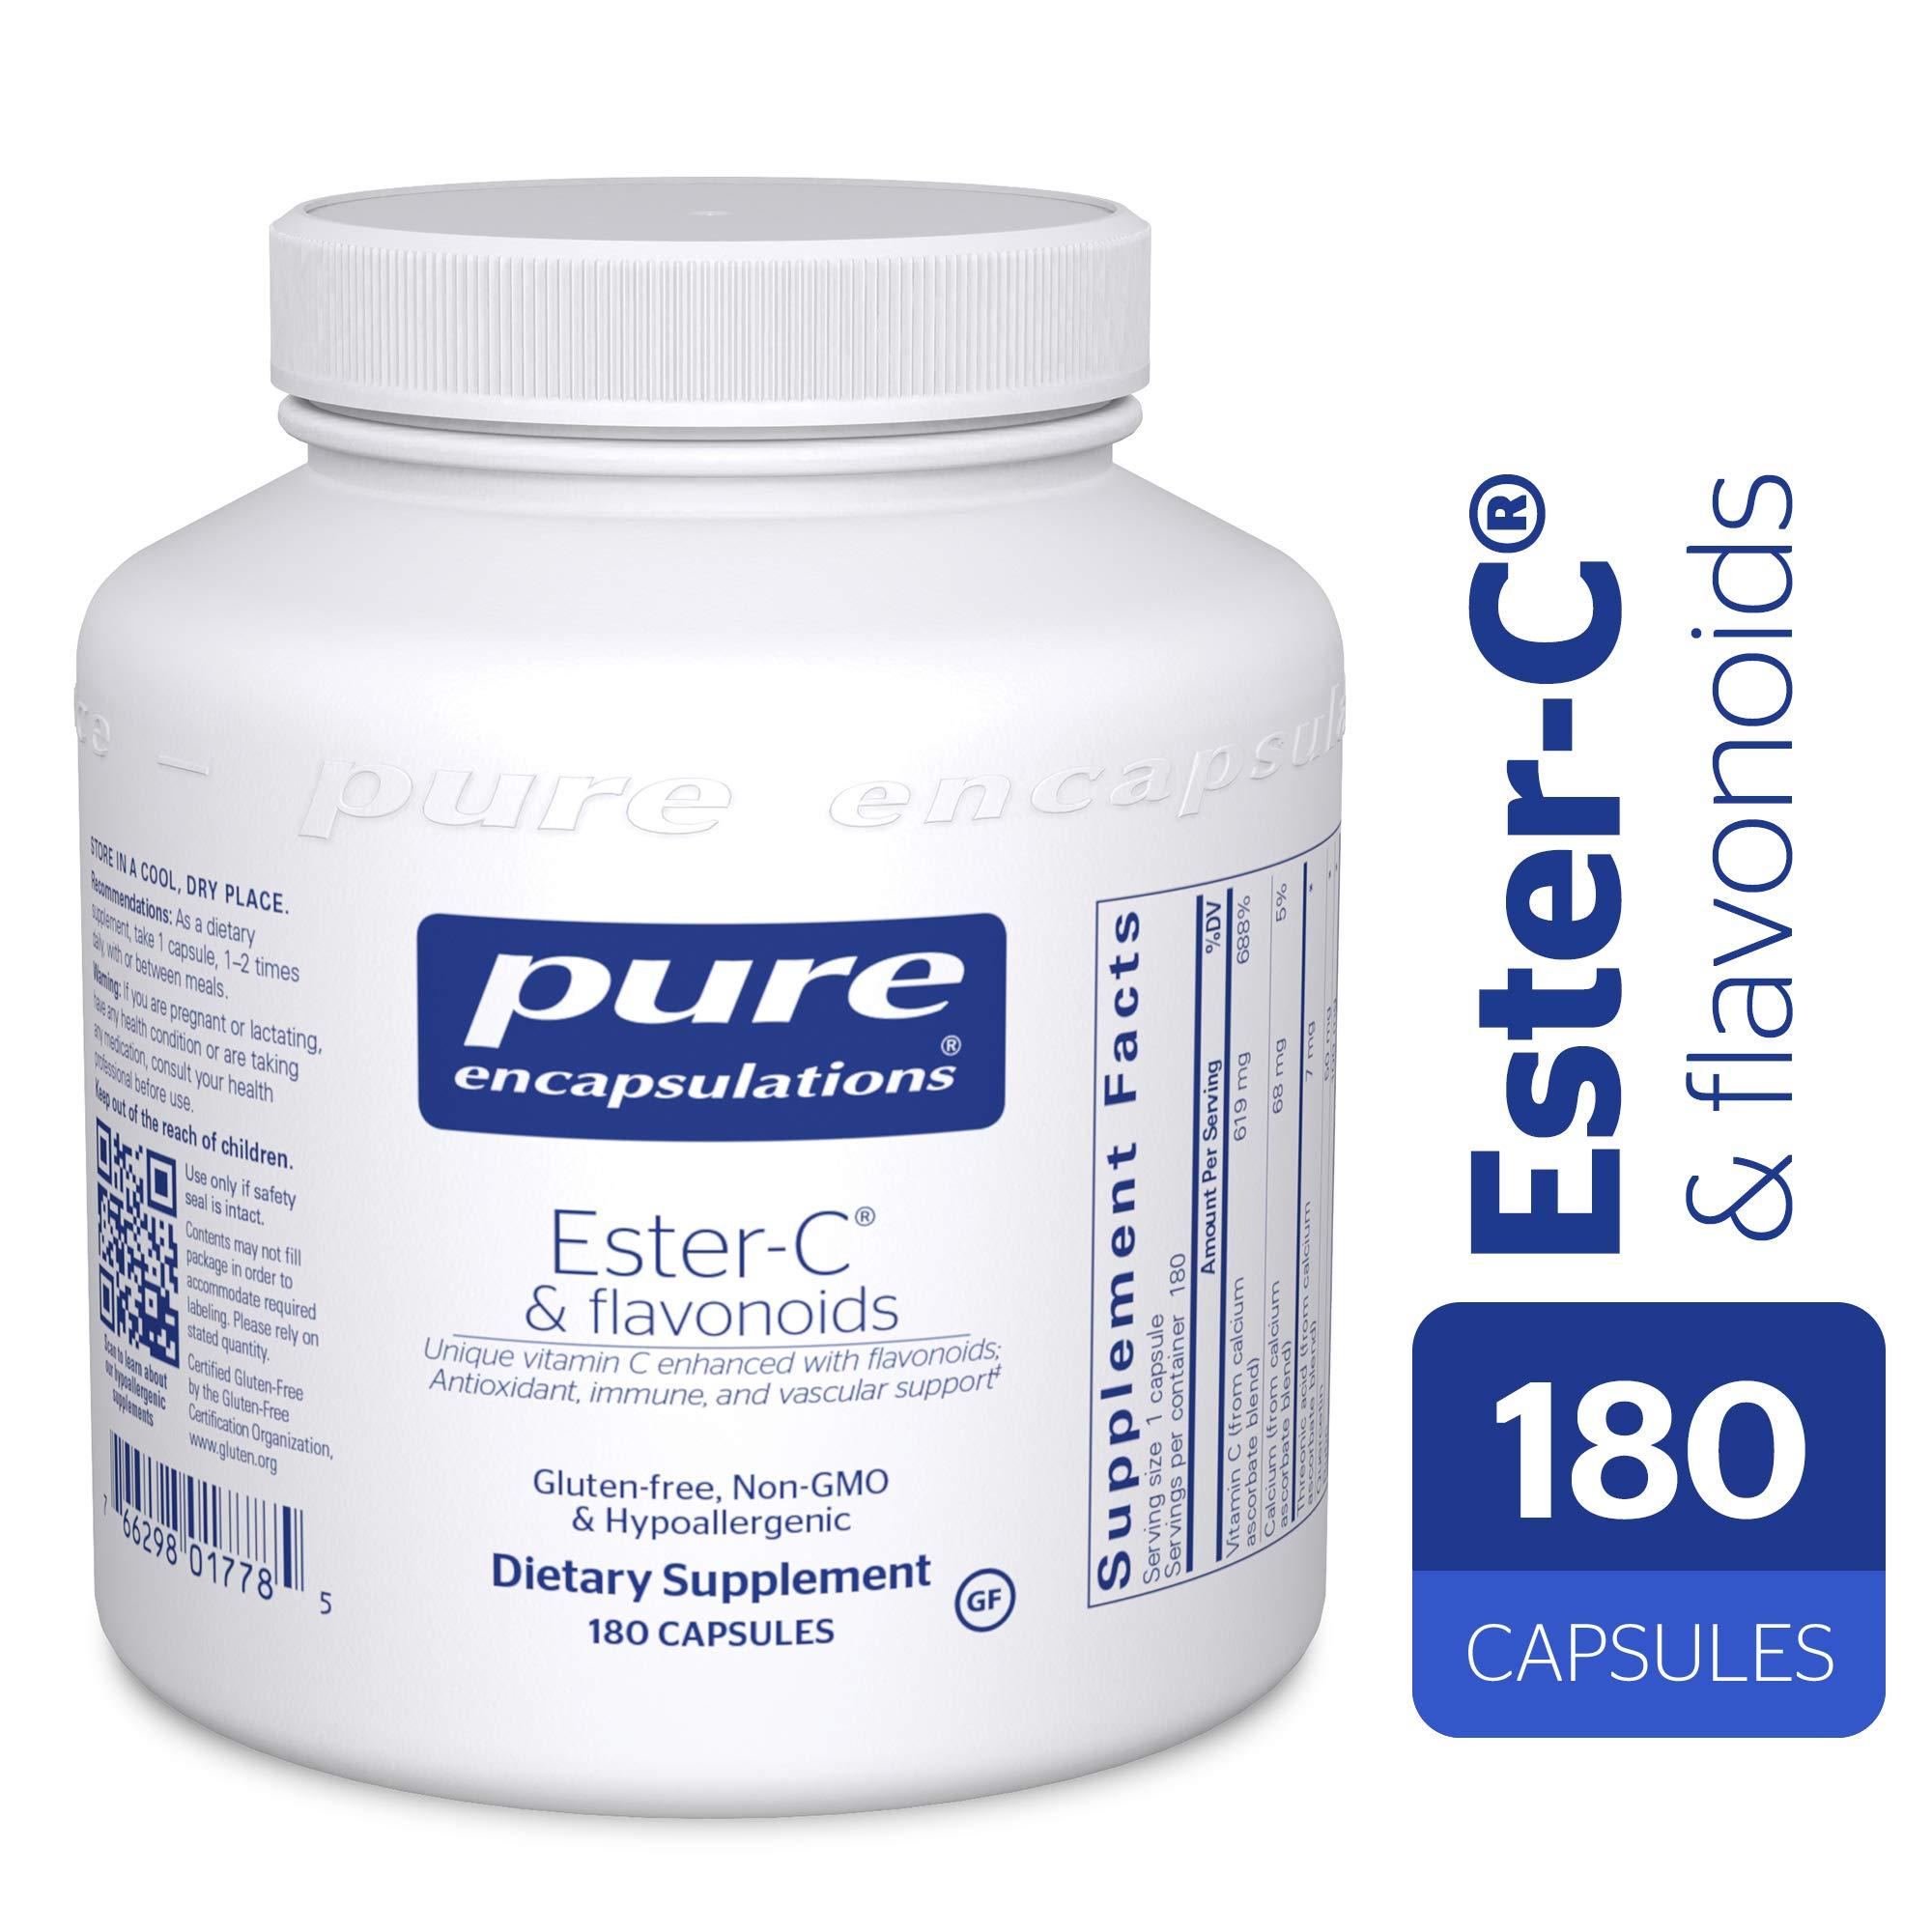 Pure Encapsulations - Ester-C & Flavonoids - Hypoallergenic Vitamin C Supplement Enhanced with Bioflavonoids - 180 Capsules by Pure Encapsulations (Image #1)